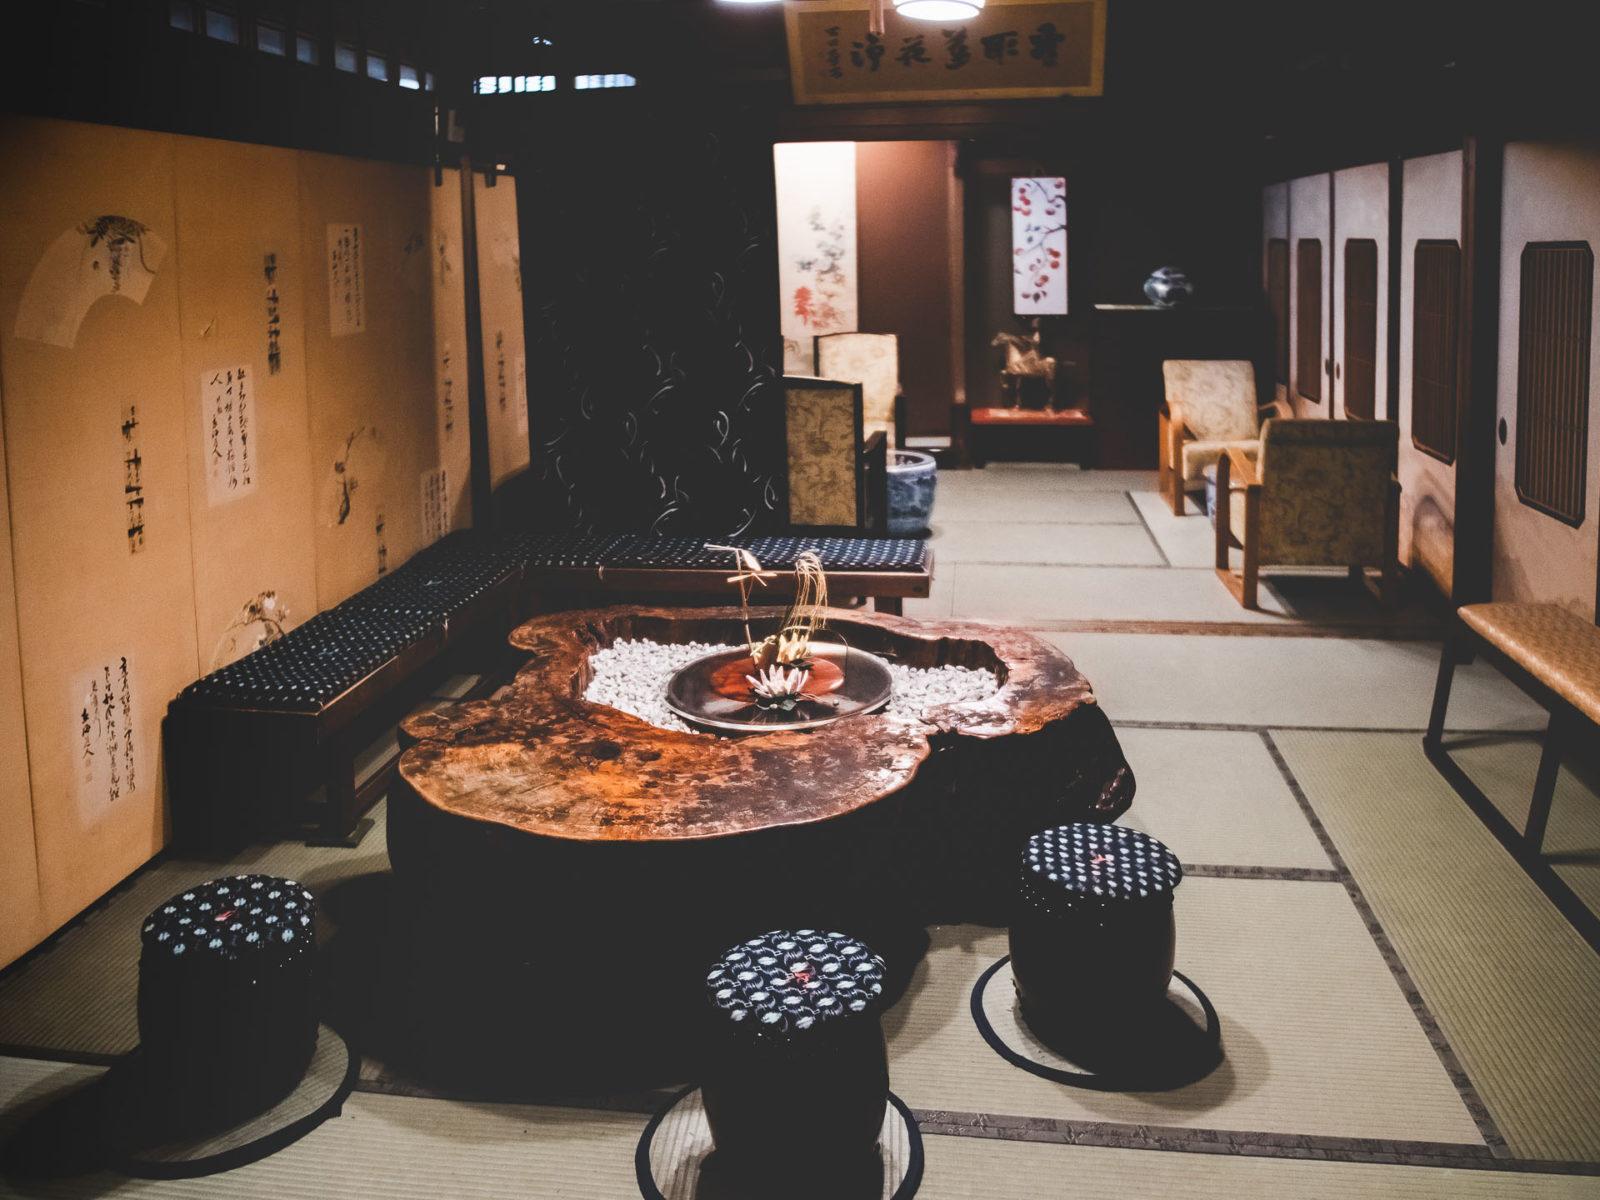 1600942433 523 Hida Furukawa camina en Japon inspiracion de Your Name